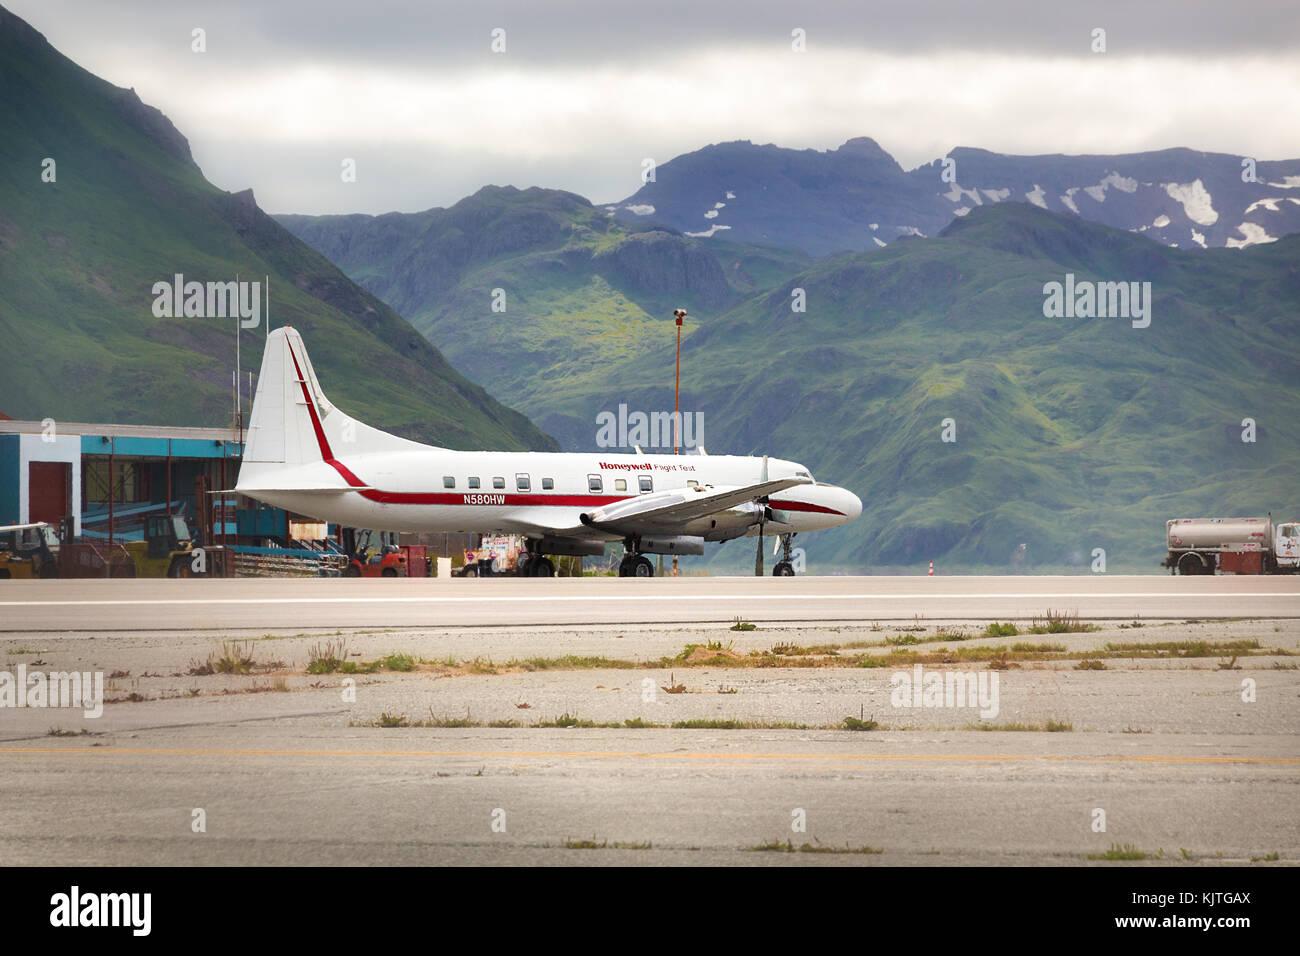 Puerto holandés, unalaska, Alaska, EE.UU. - agosto 14th, 2017: un Convair 580 de Honeywell en ensayos en vuelo, aeropuerto de unalaska tom Madsen, Alaska. Foto de stock